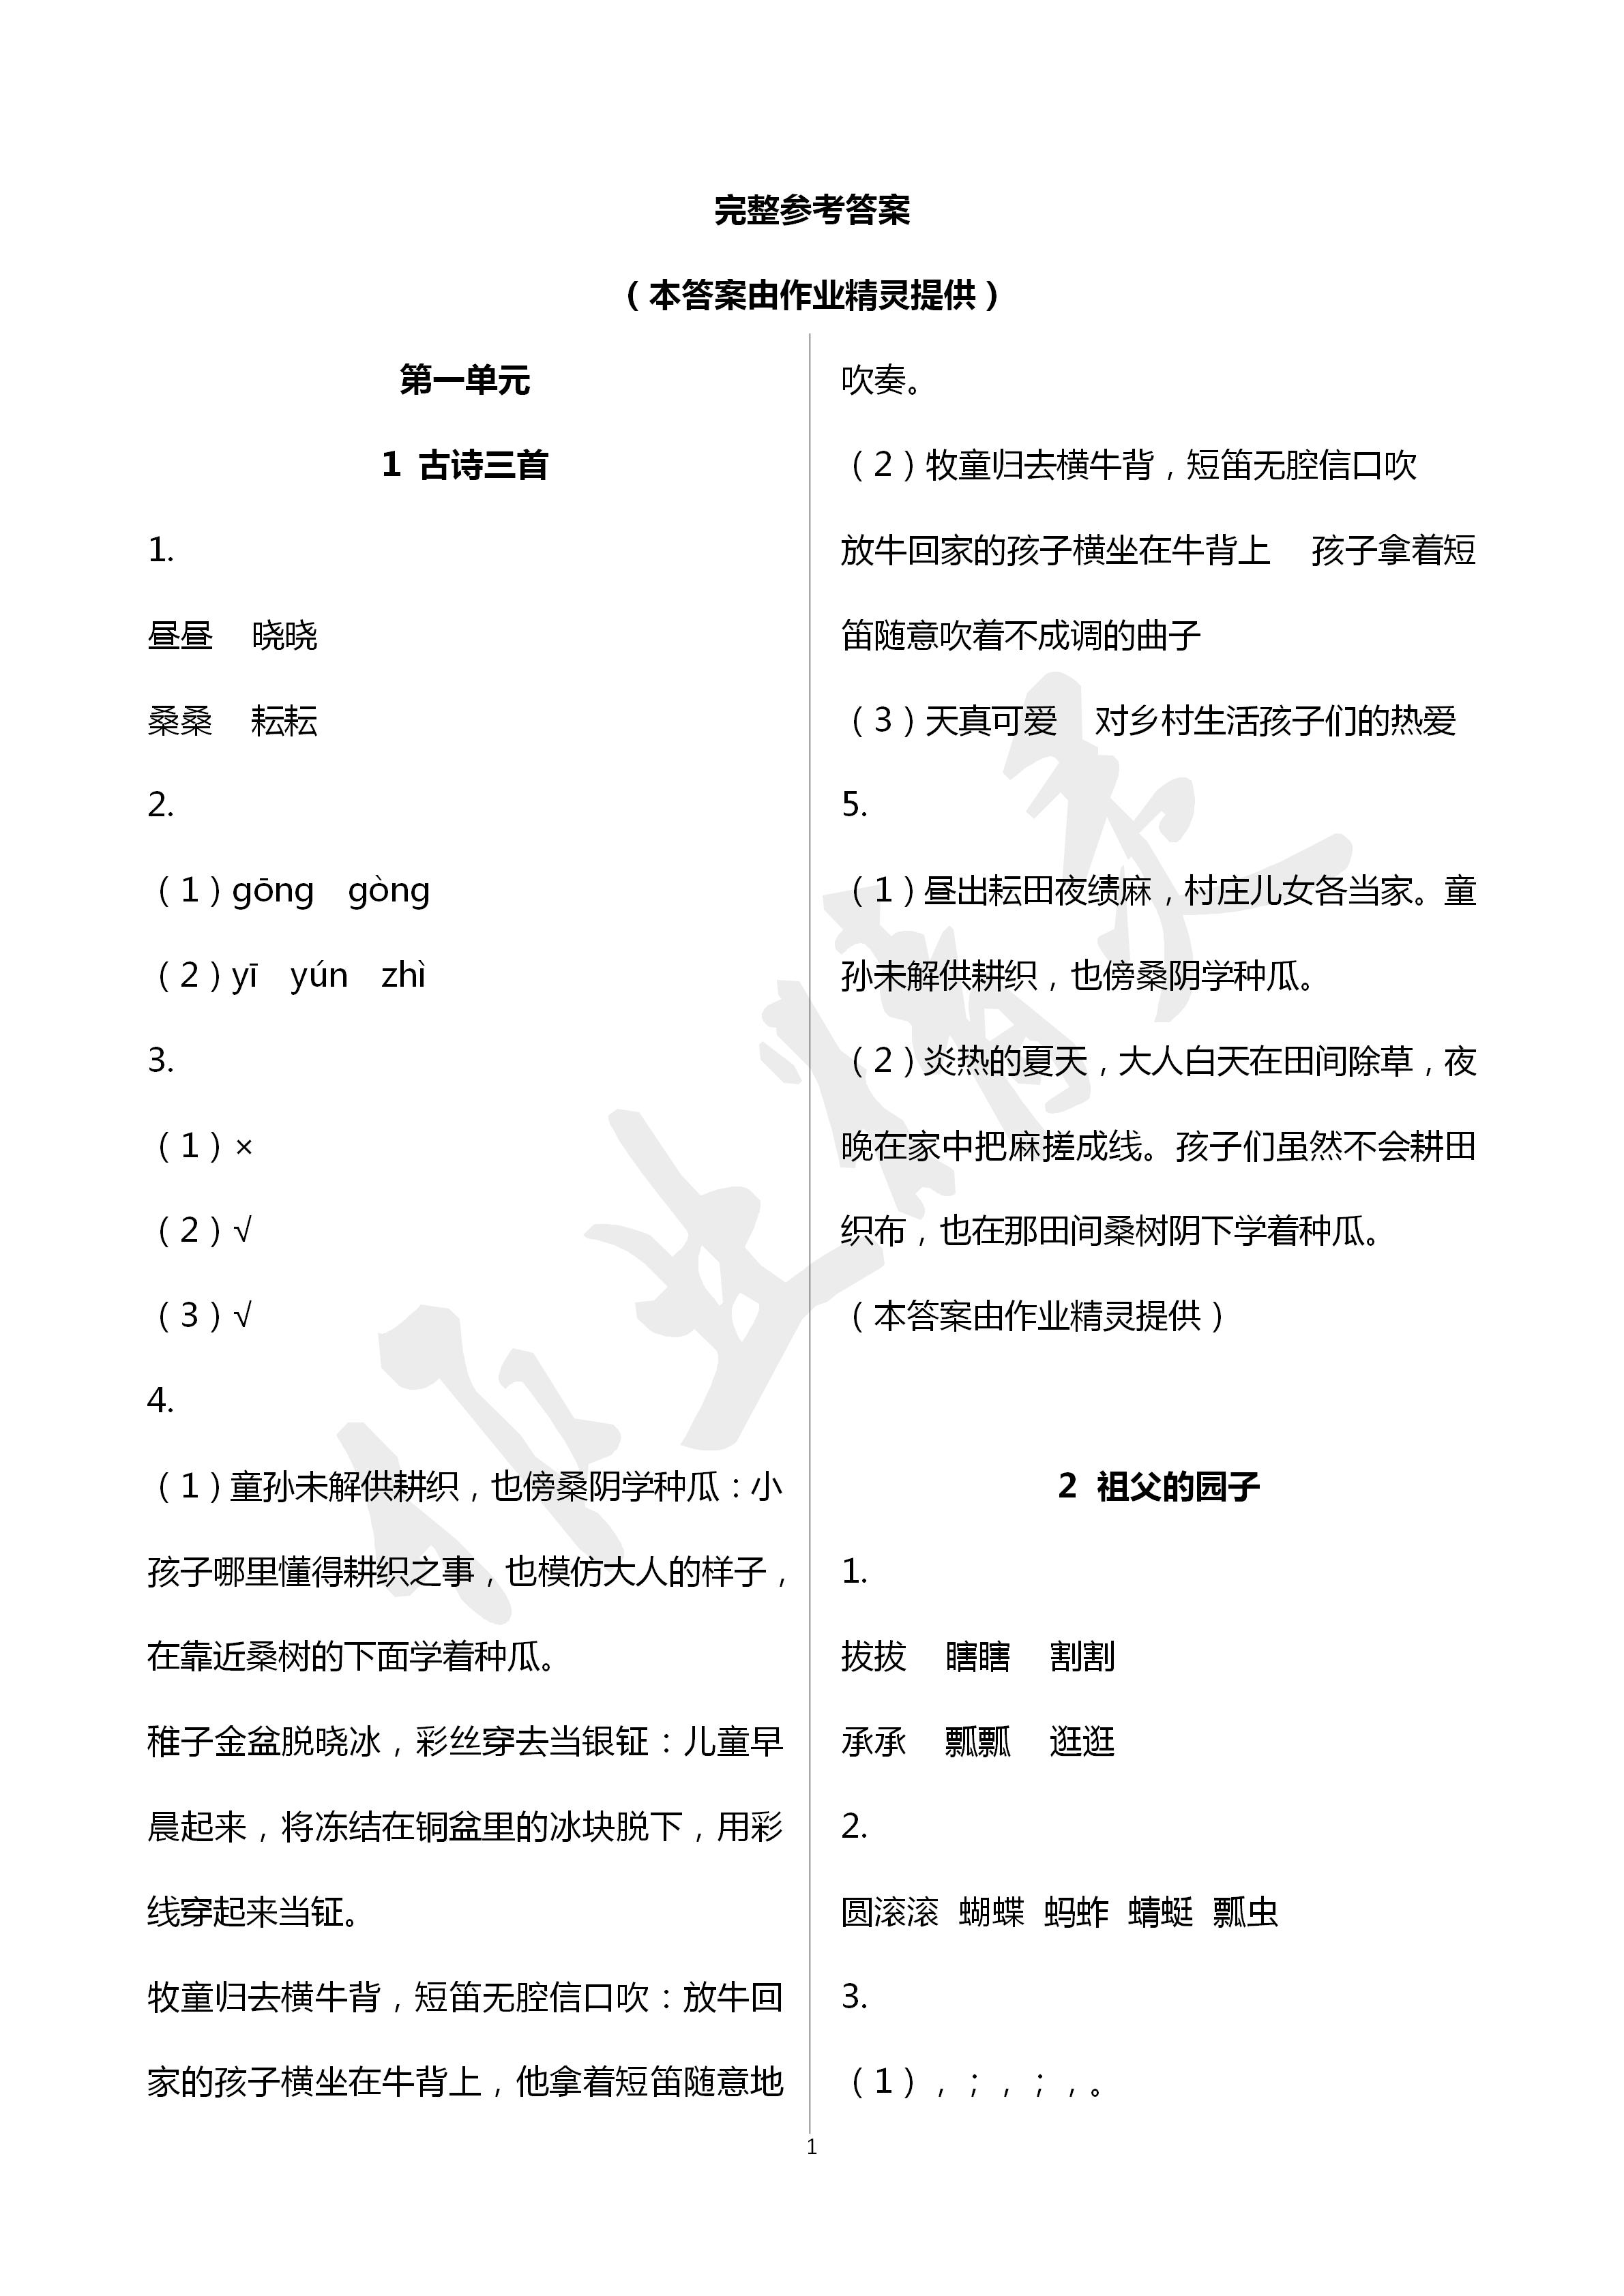 2020年作业本五年级语文下册人教版浙江教育出版社第1页